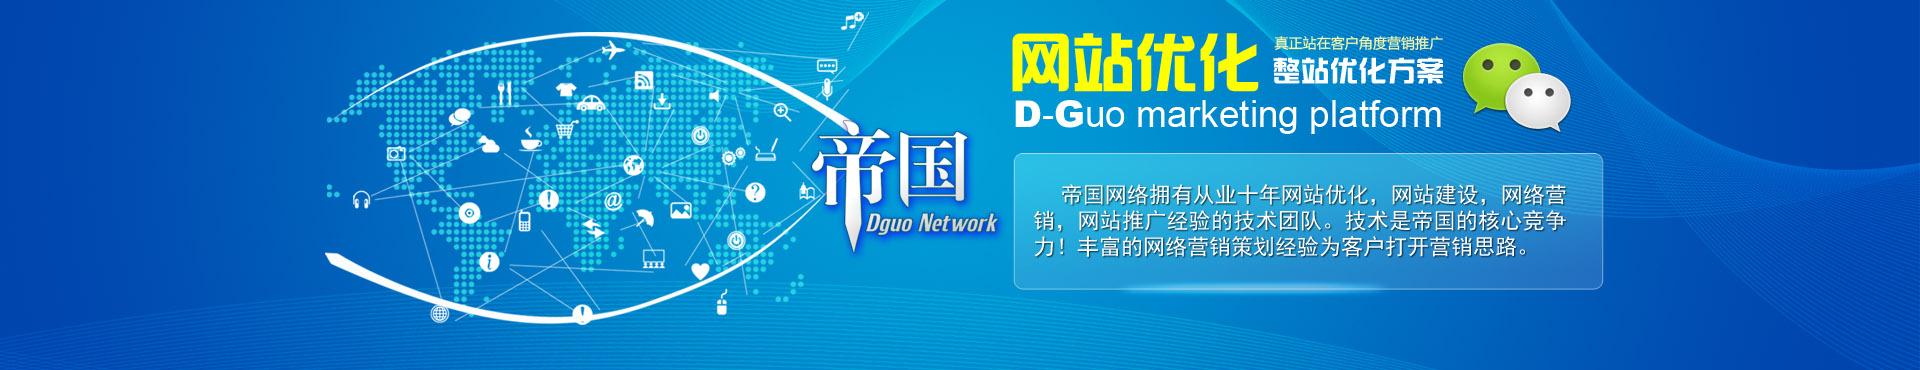 郑州网站SEO公司哪家好?直接决定了优化是否能排名首页